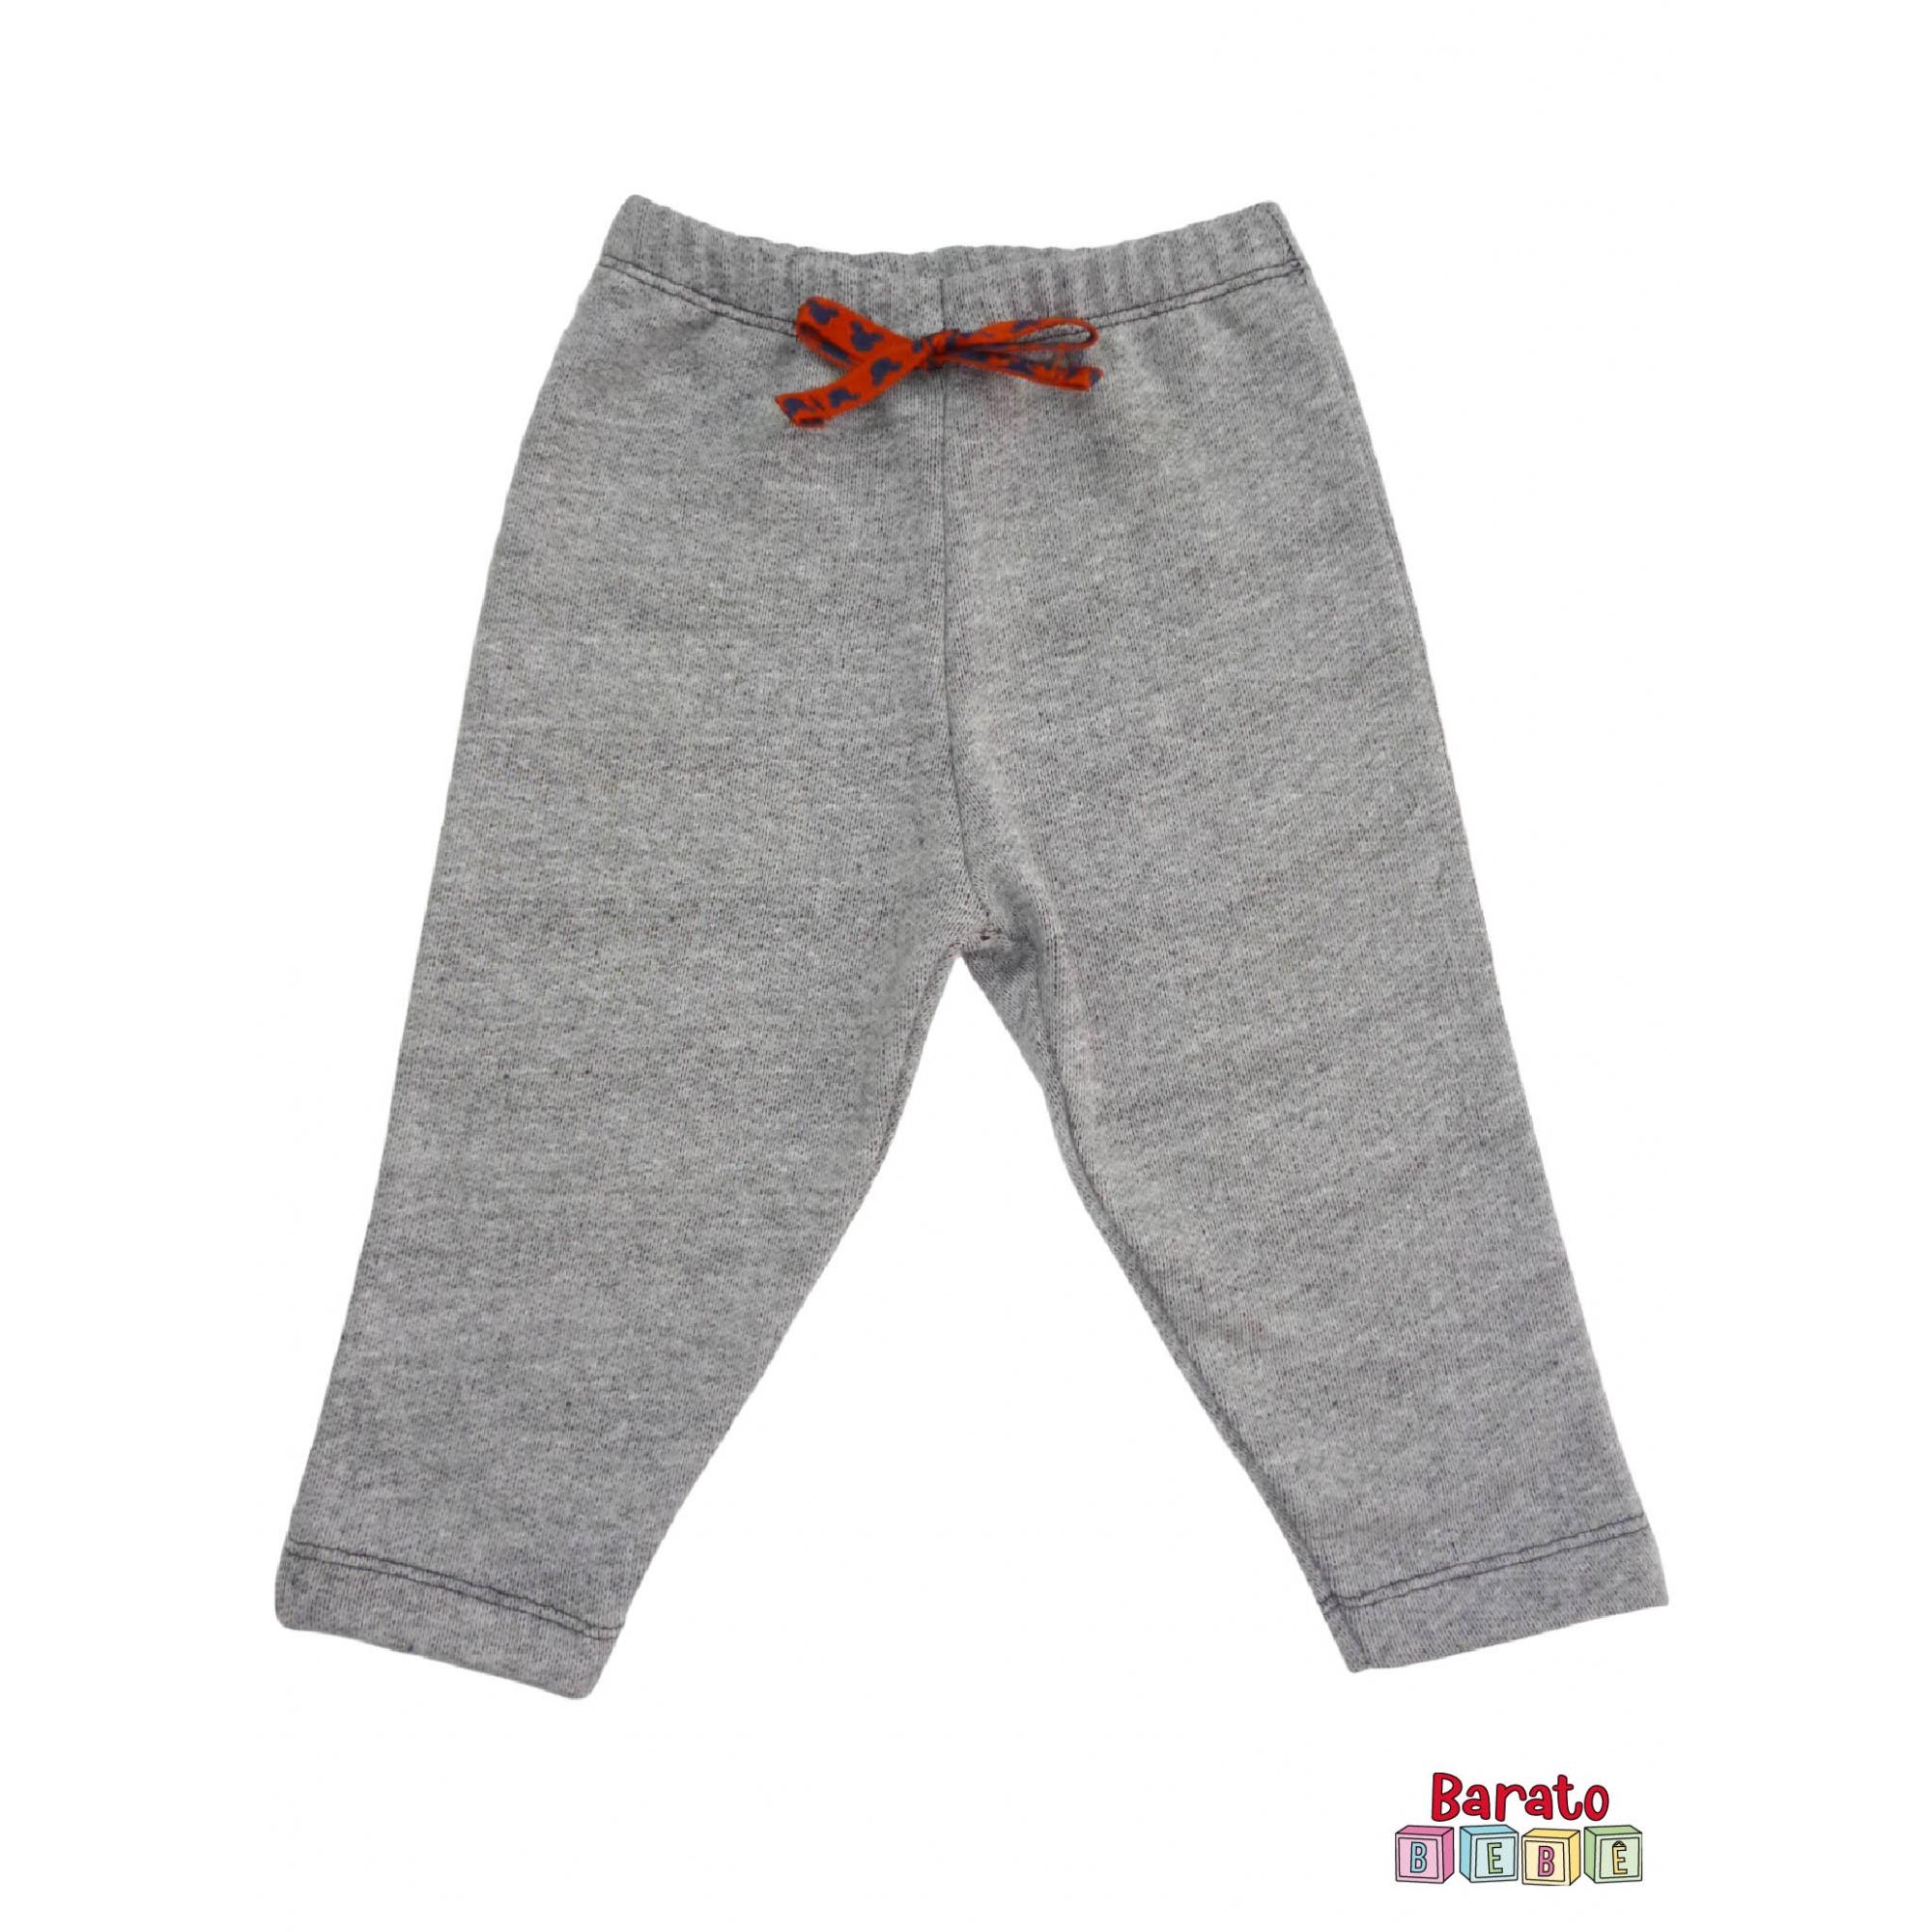 Calça Bebê Moletinho Mescla (P/M/G) - Mijão - Decorado - Barato Bebê